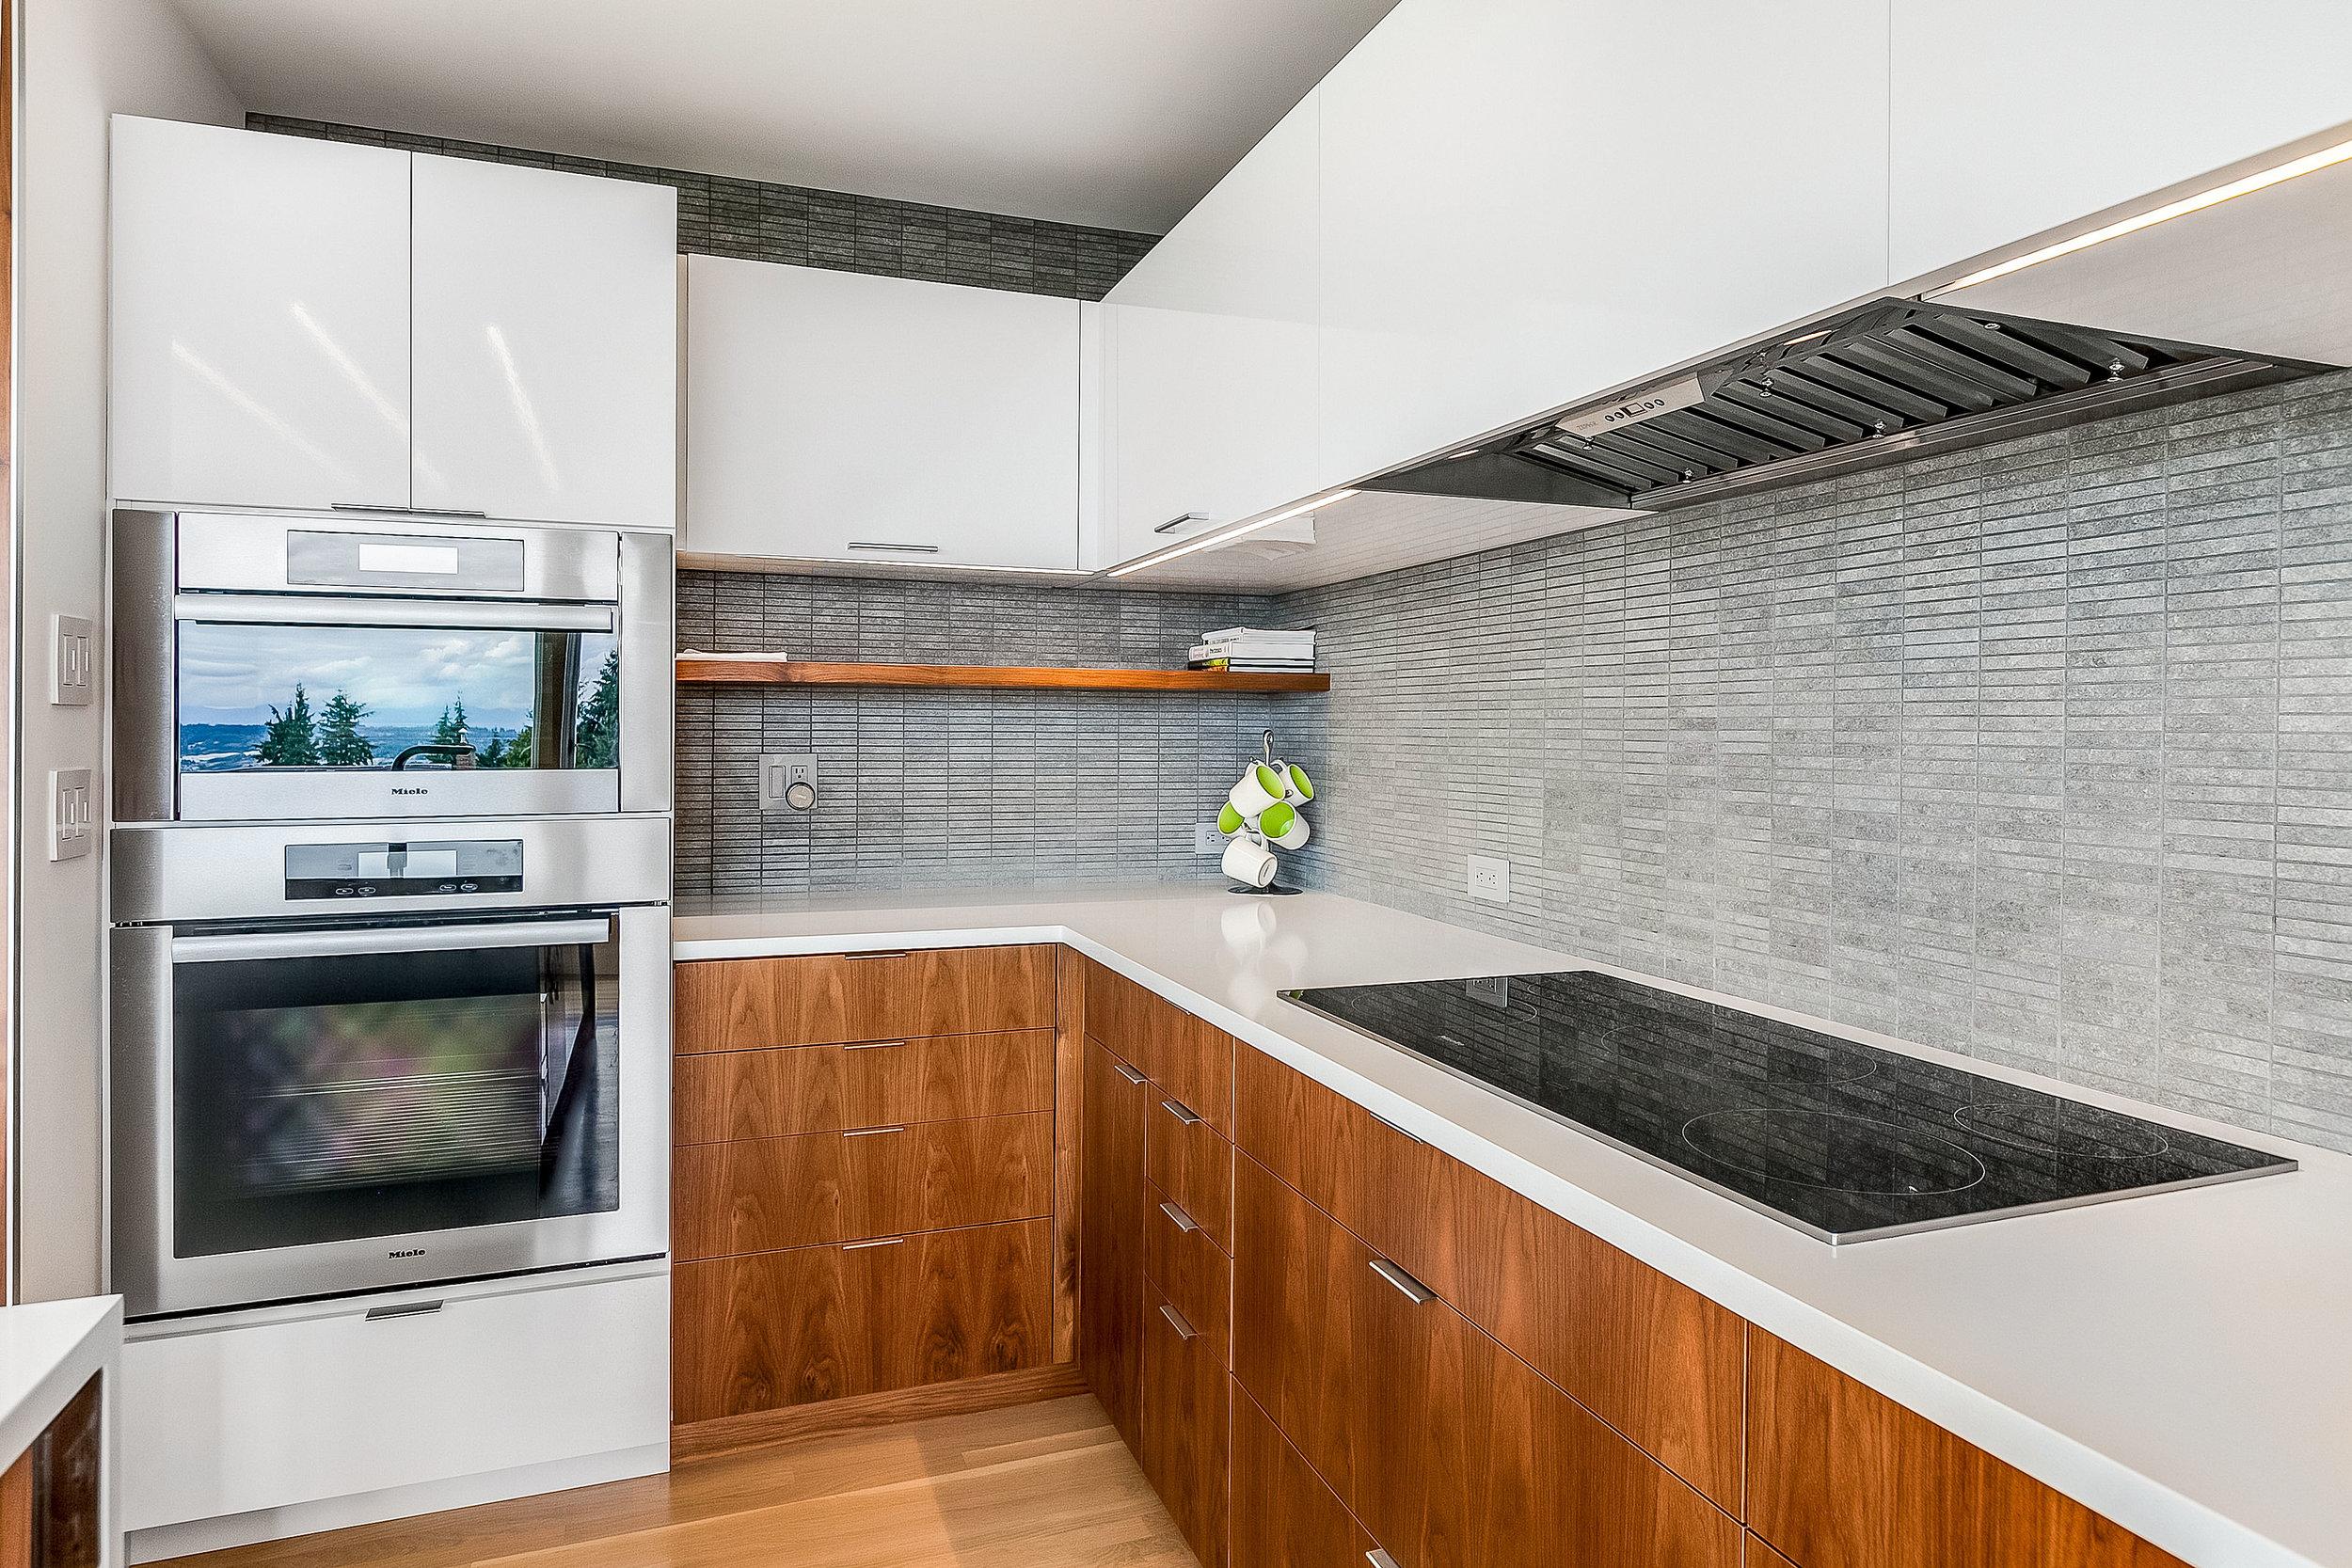 seattle_modern_new_kitchen_architecture_architect_skie